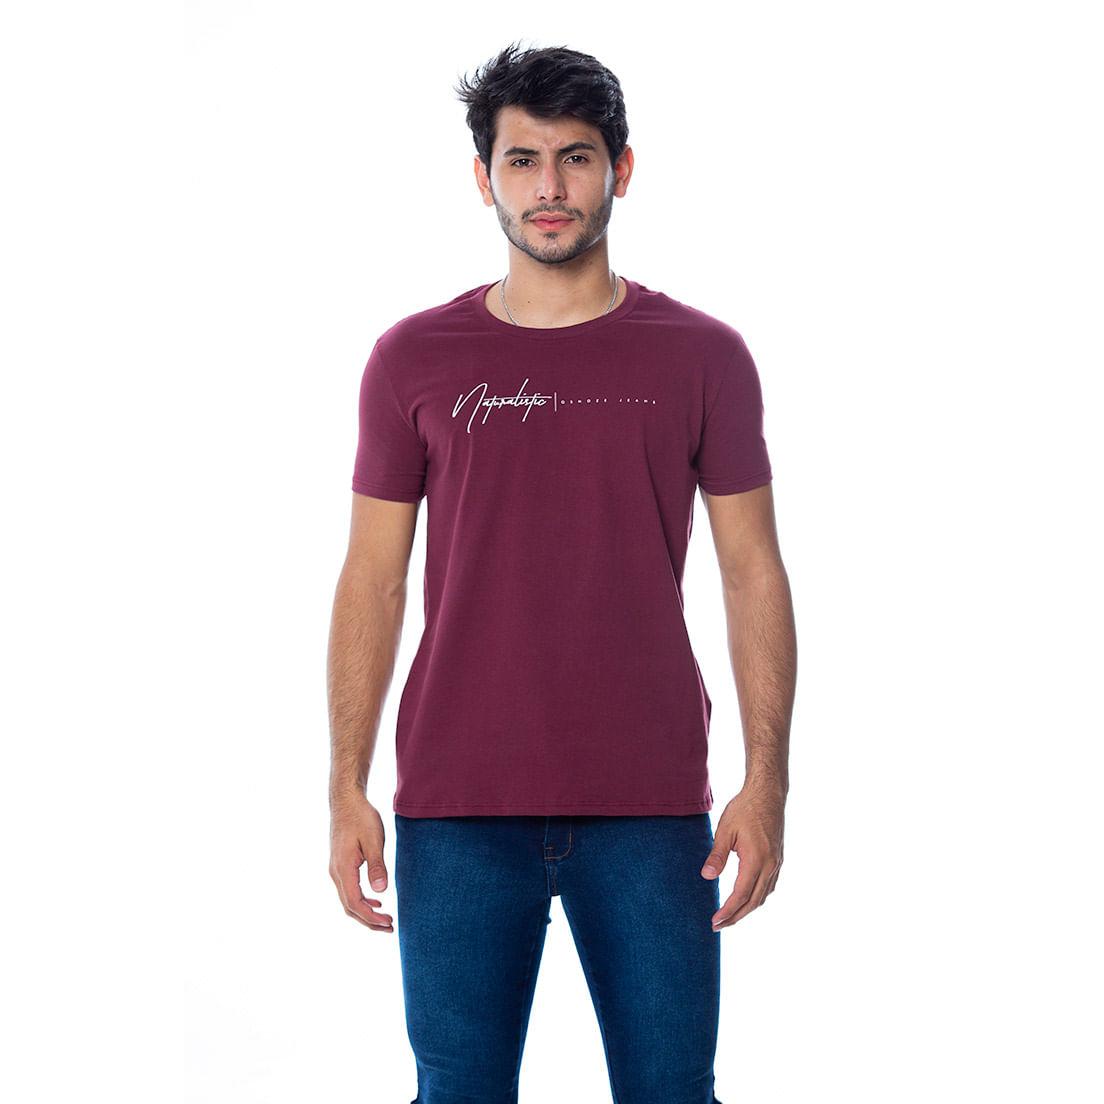 Camiseta Osmoze 09 110112818 Bordo